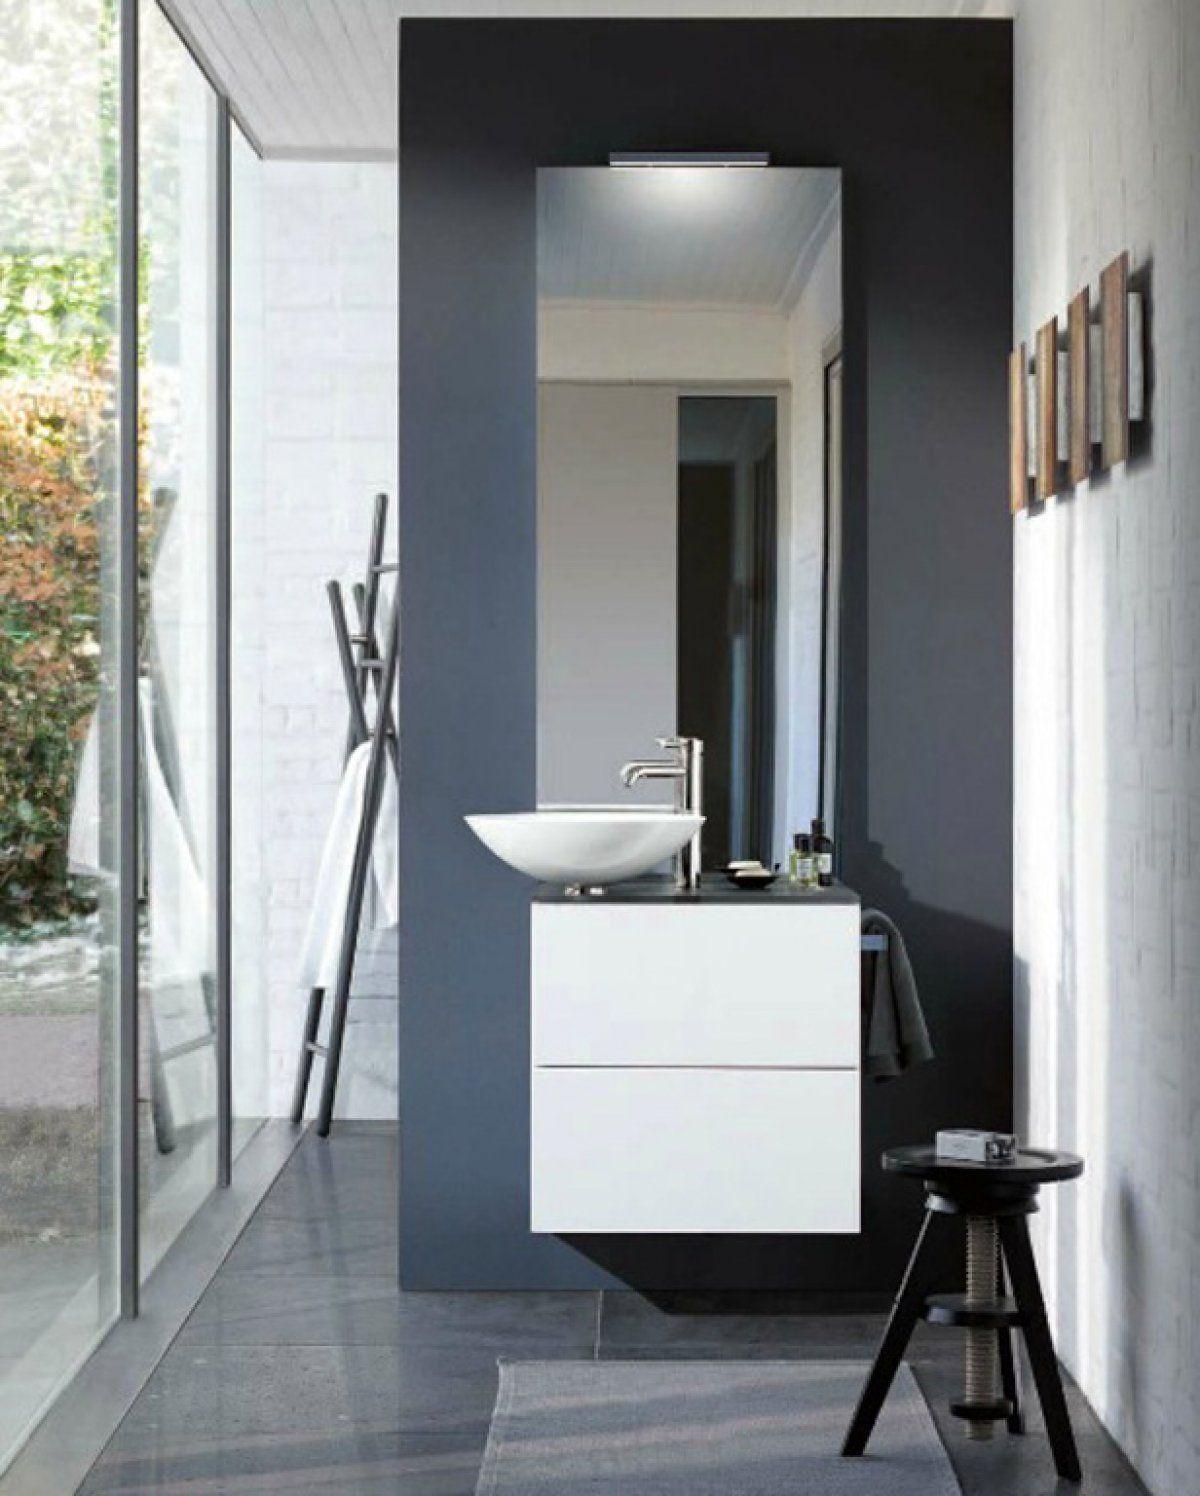 Edle Grautöne, Feine Sandtöne Oder Frisches Blau: Farbige Wände Geben  Badezimmern Je Nach Ton Eine Ganz Andere Atmosphäre.